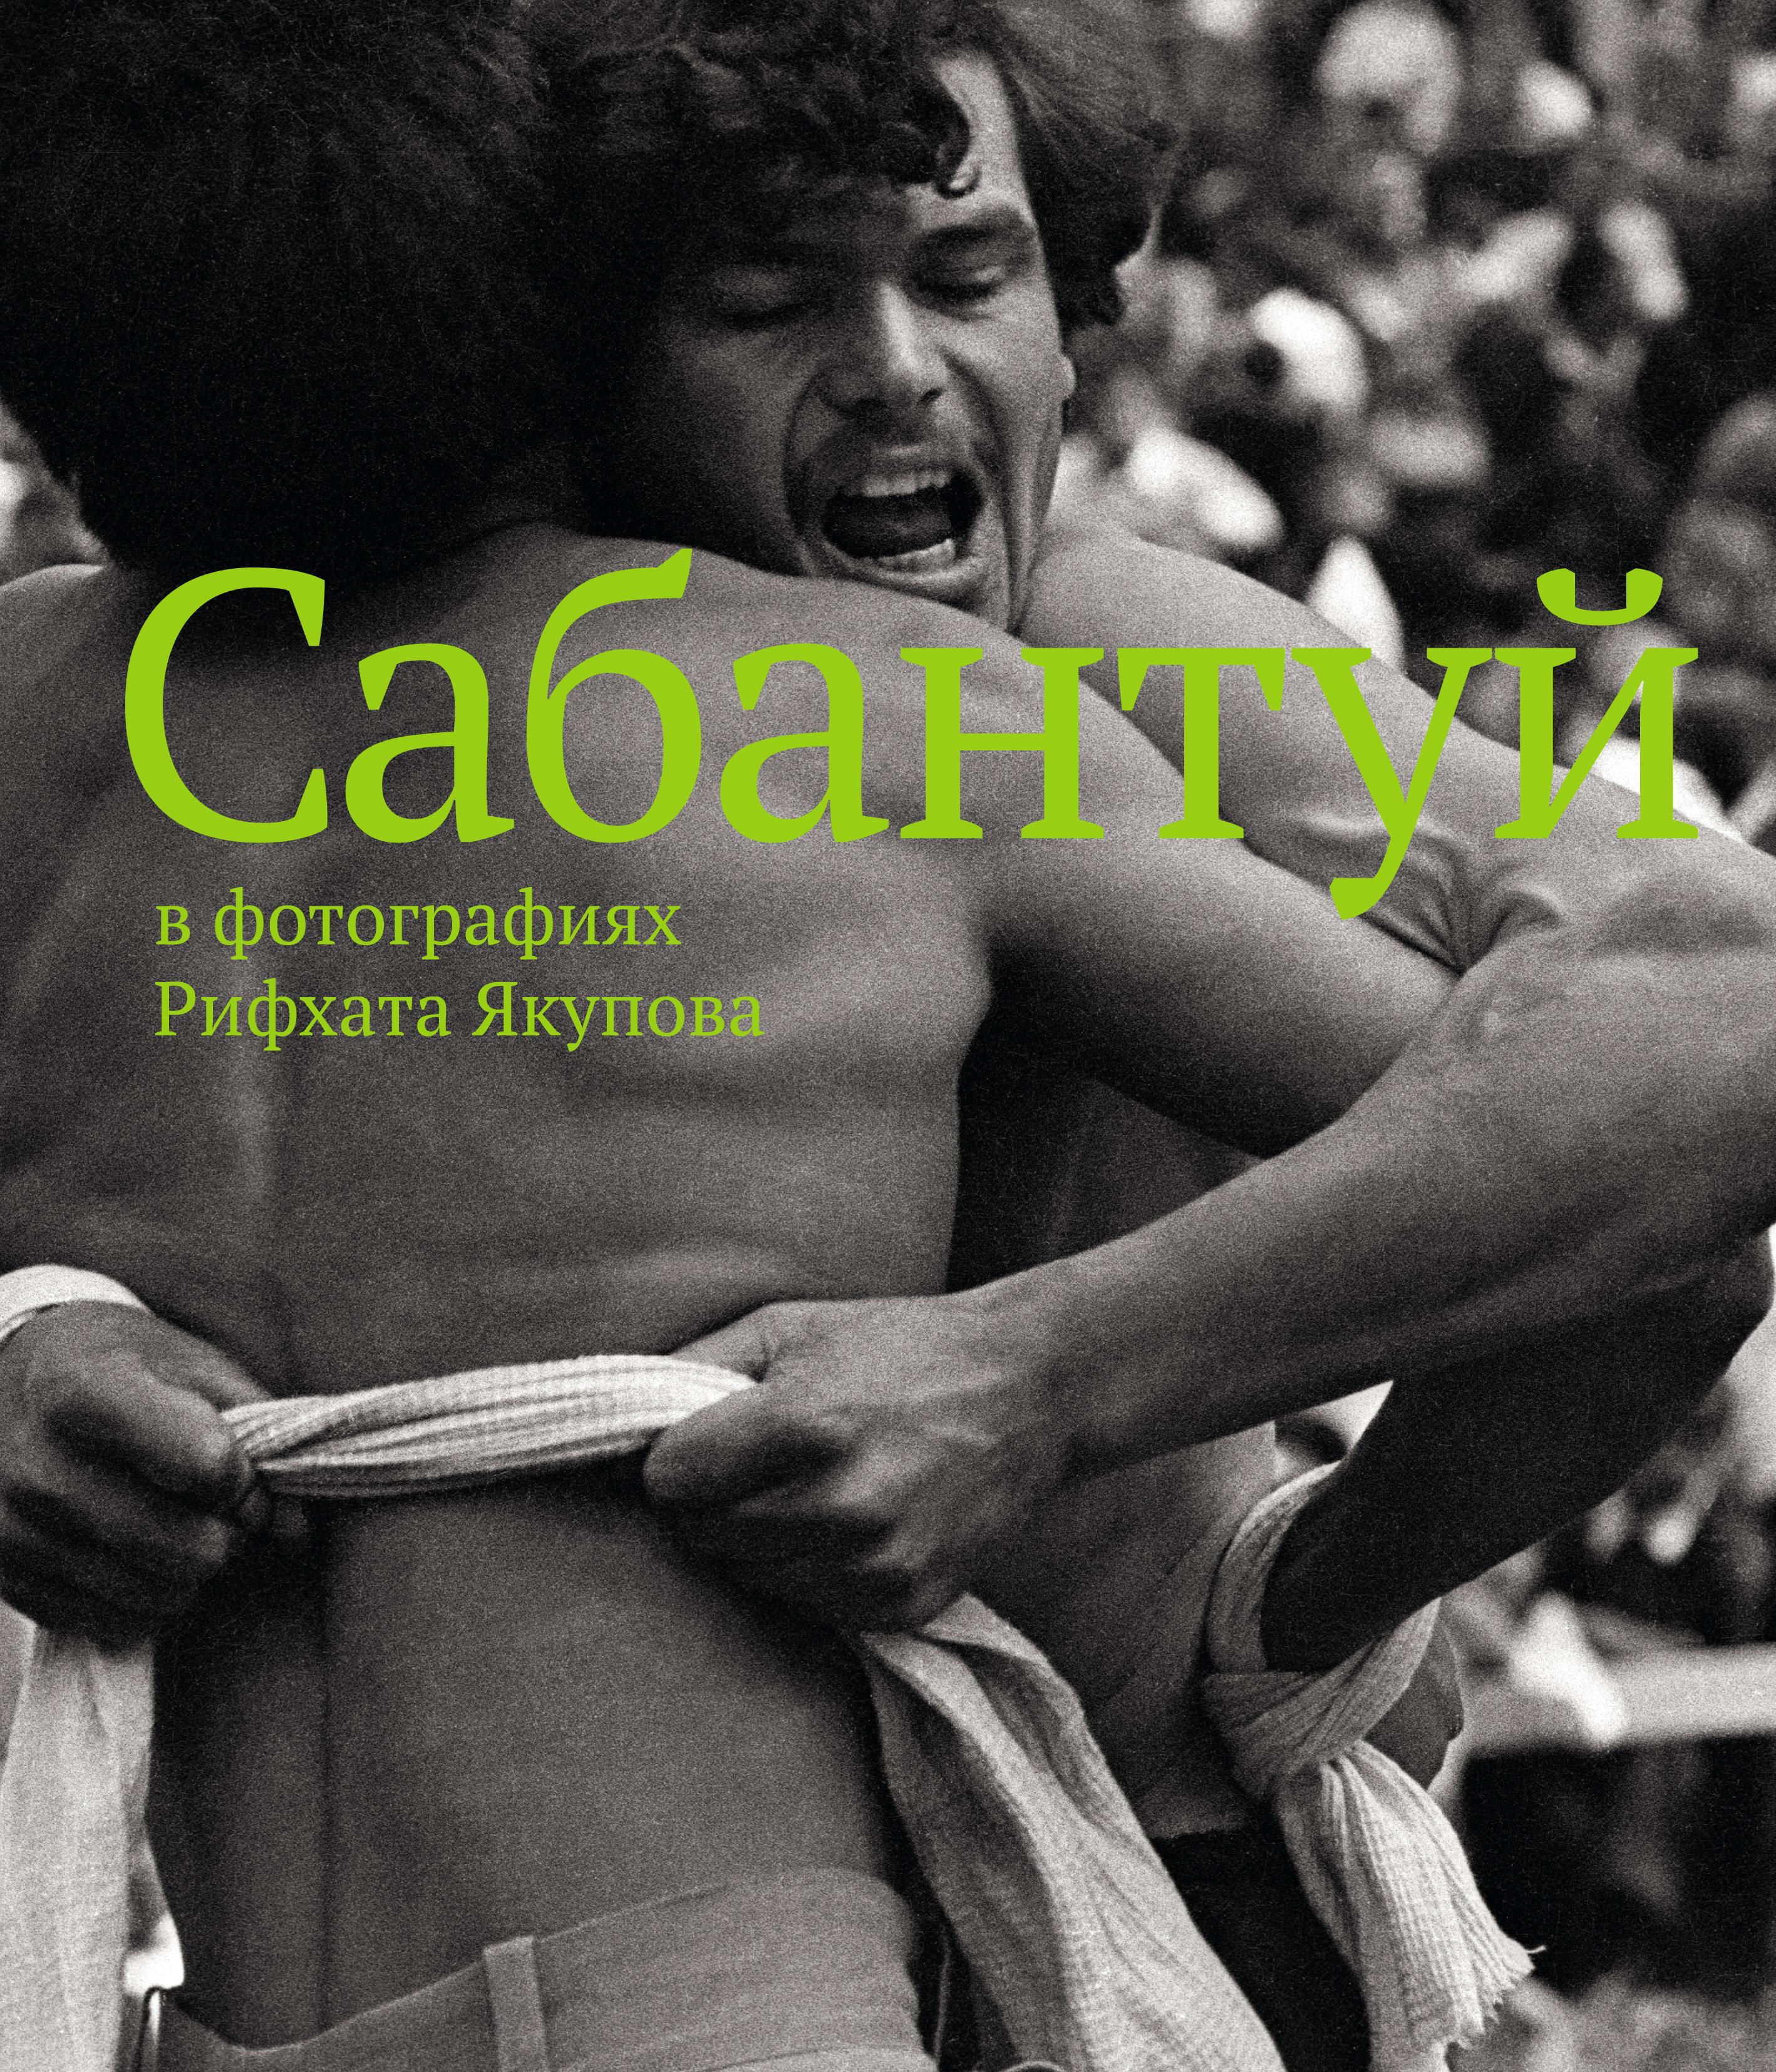 Сабантуй в фотографиях Рифхата Якупова